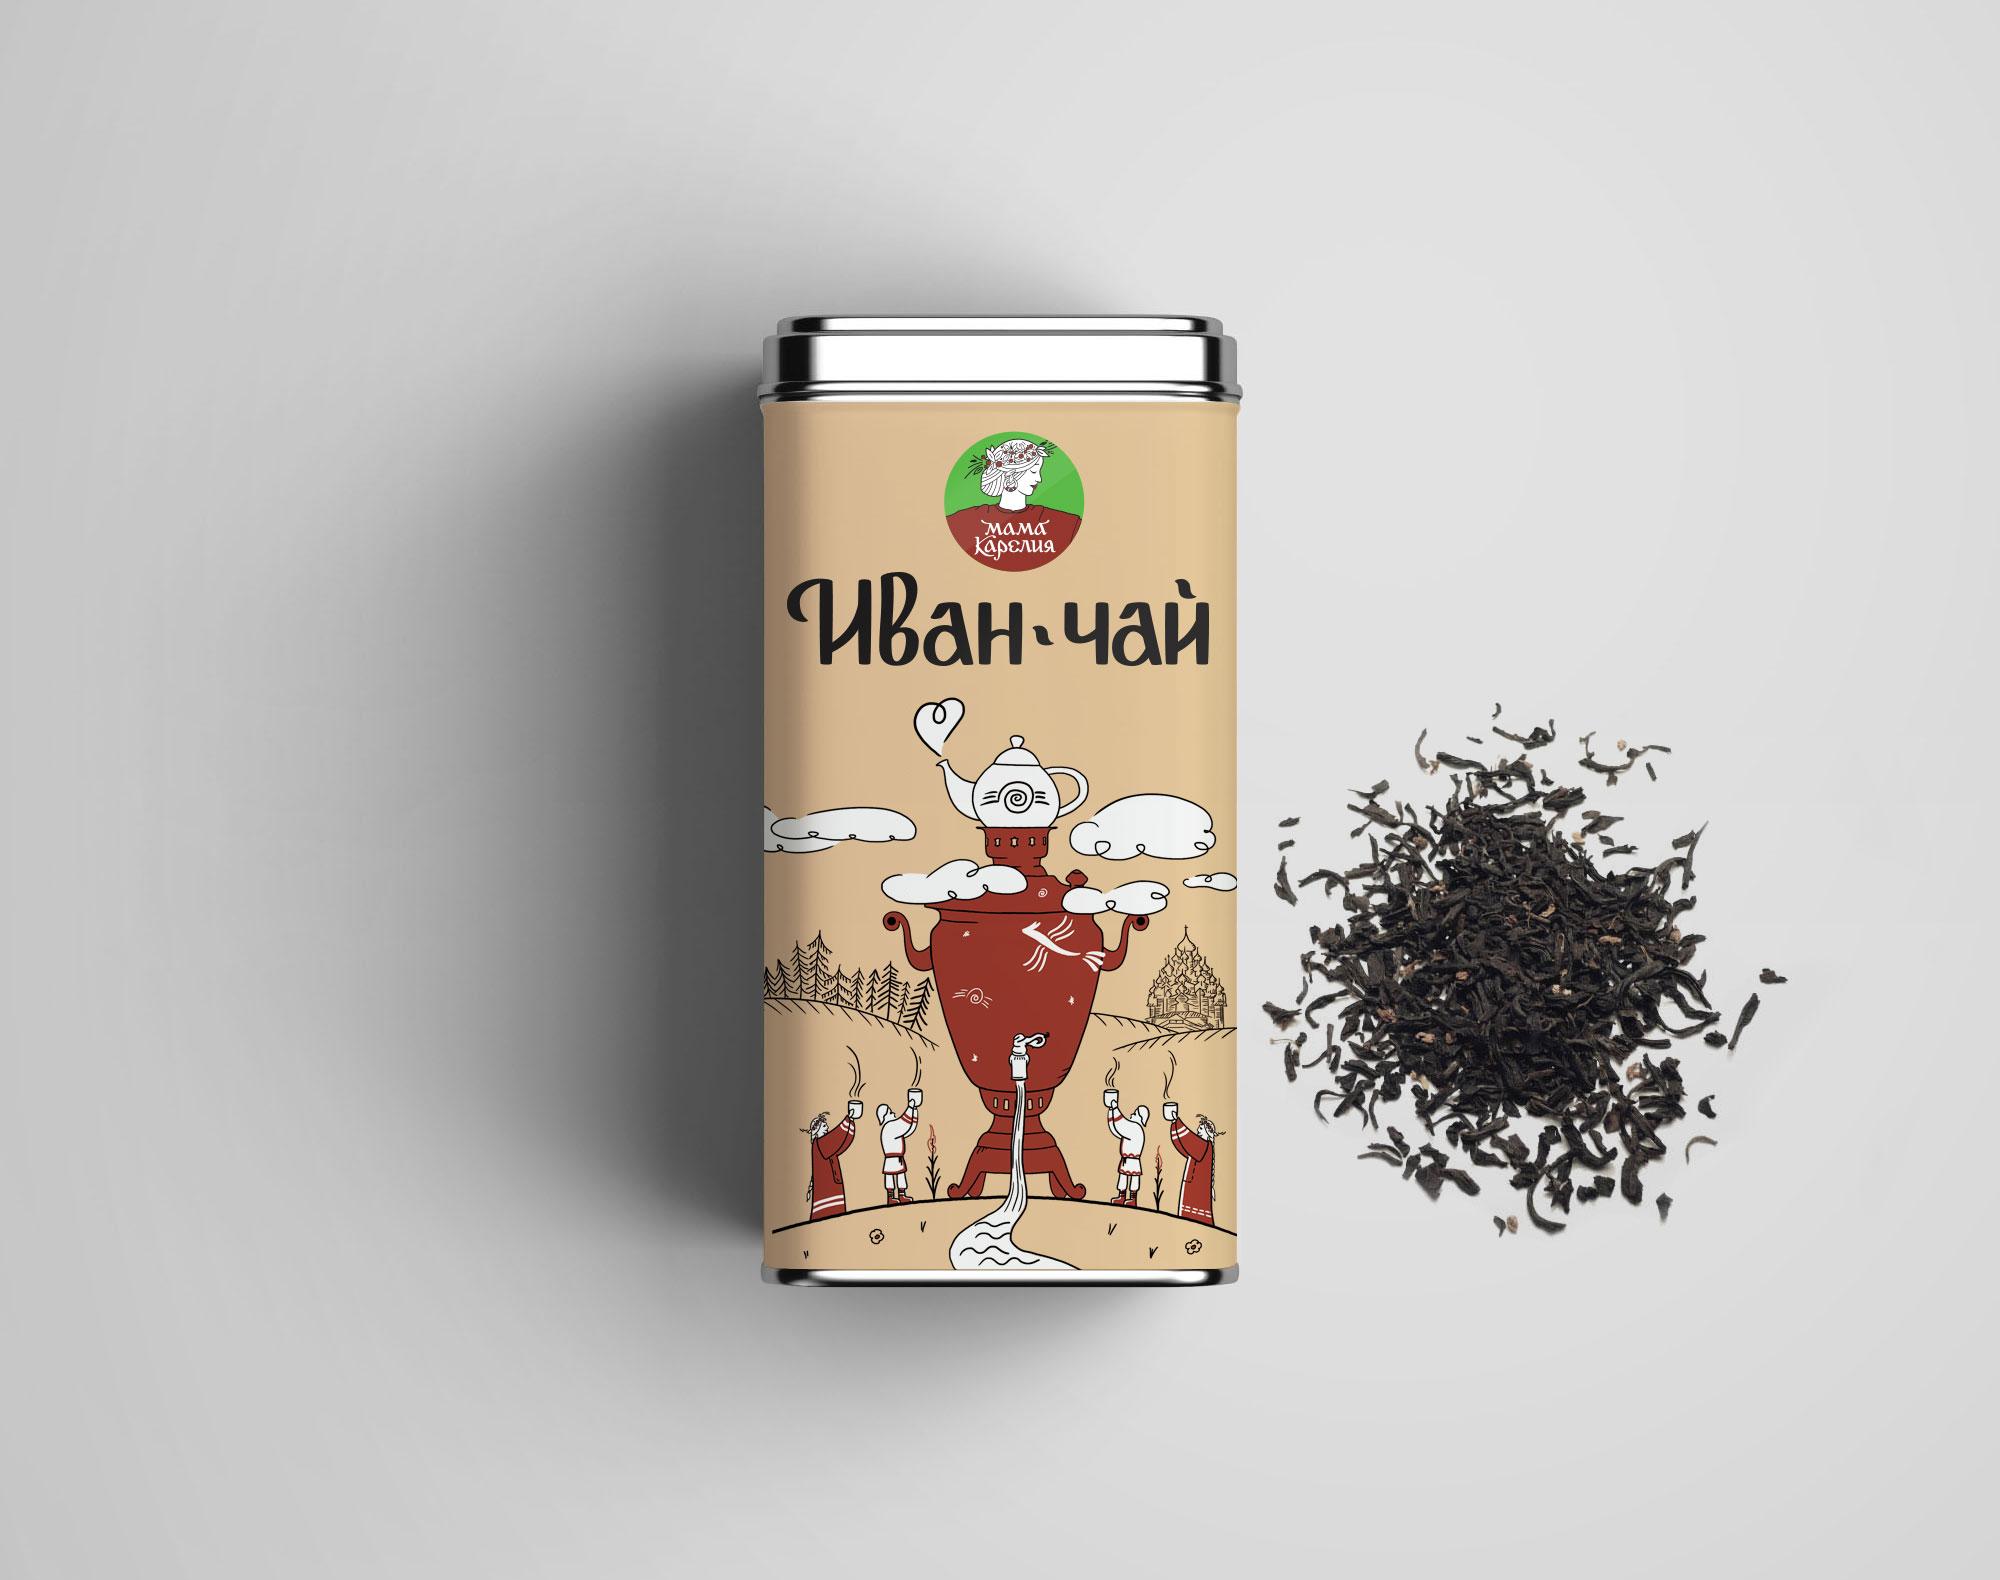 Железная упаковка Иван-чая Мама Карелия